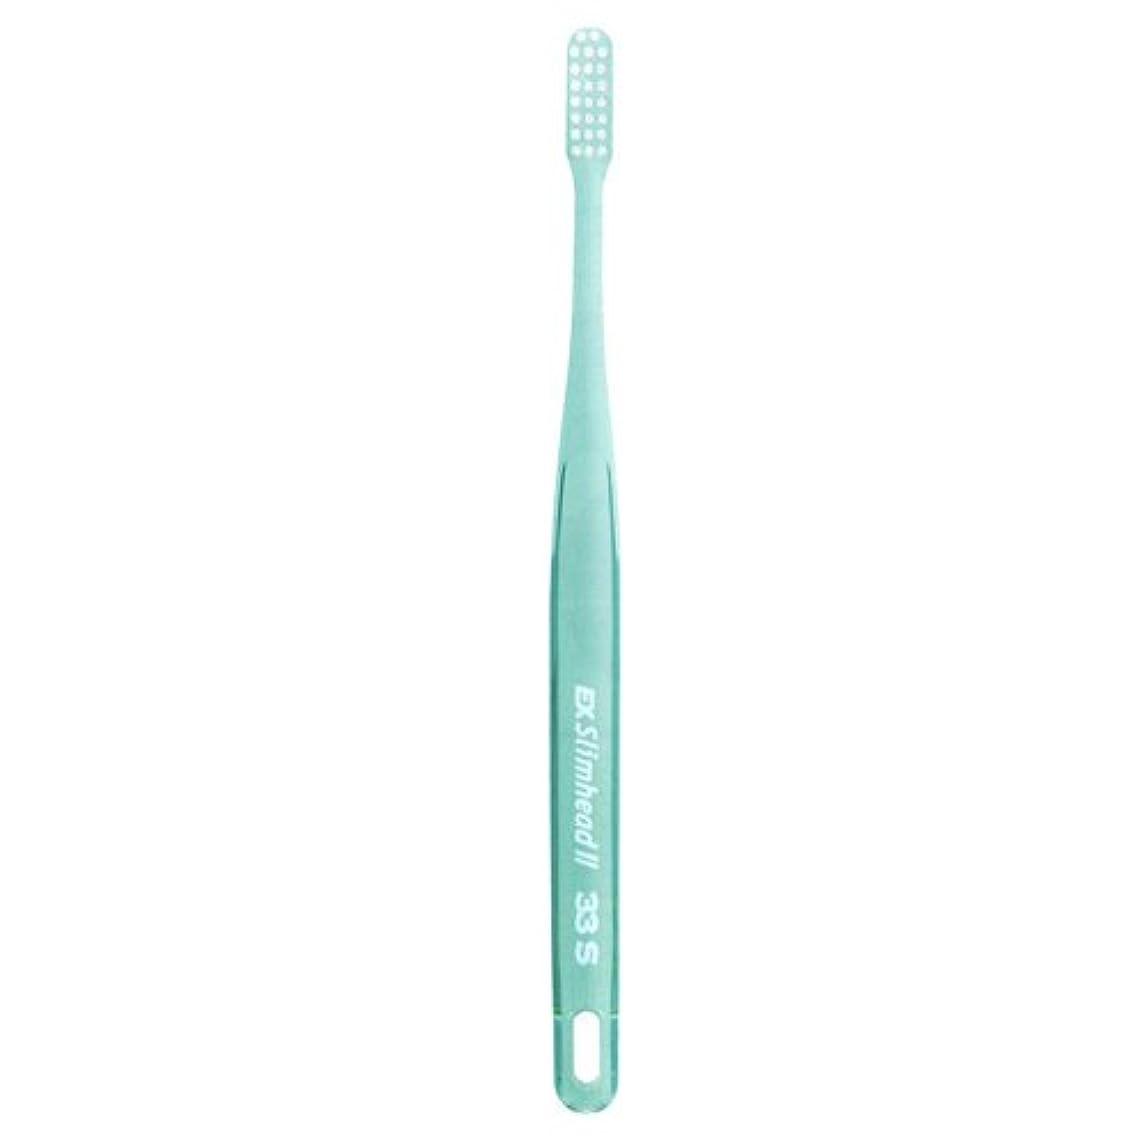 フラスコ特別なバルブライオン スリムヘッド2 歯ブラシ DENT . EX Slimhead2 1本 33M クリアグリーン